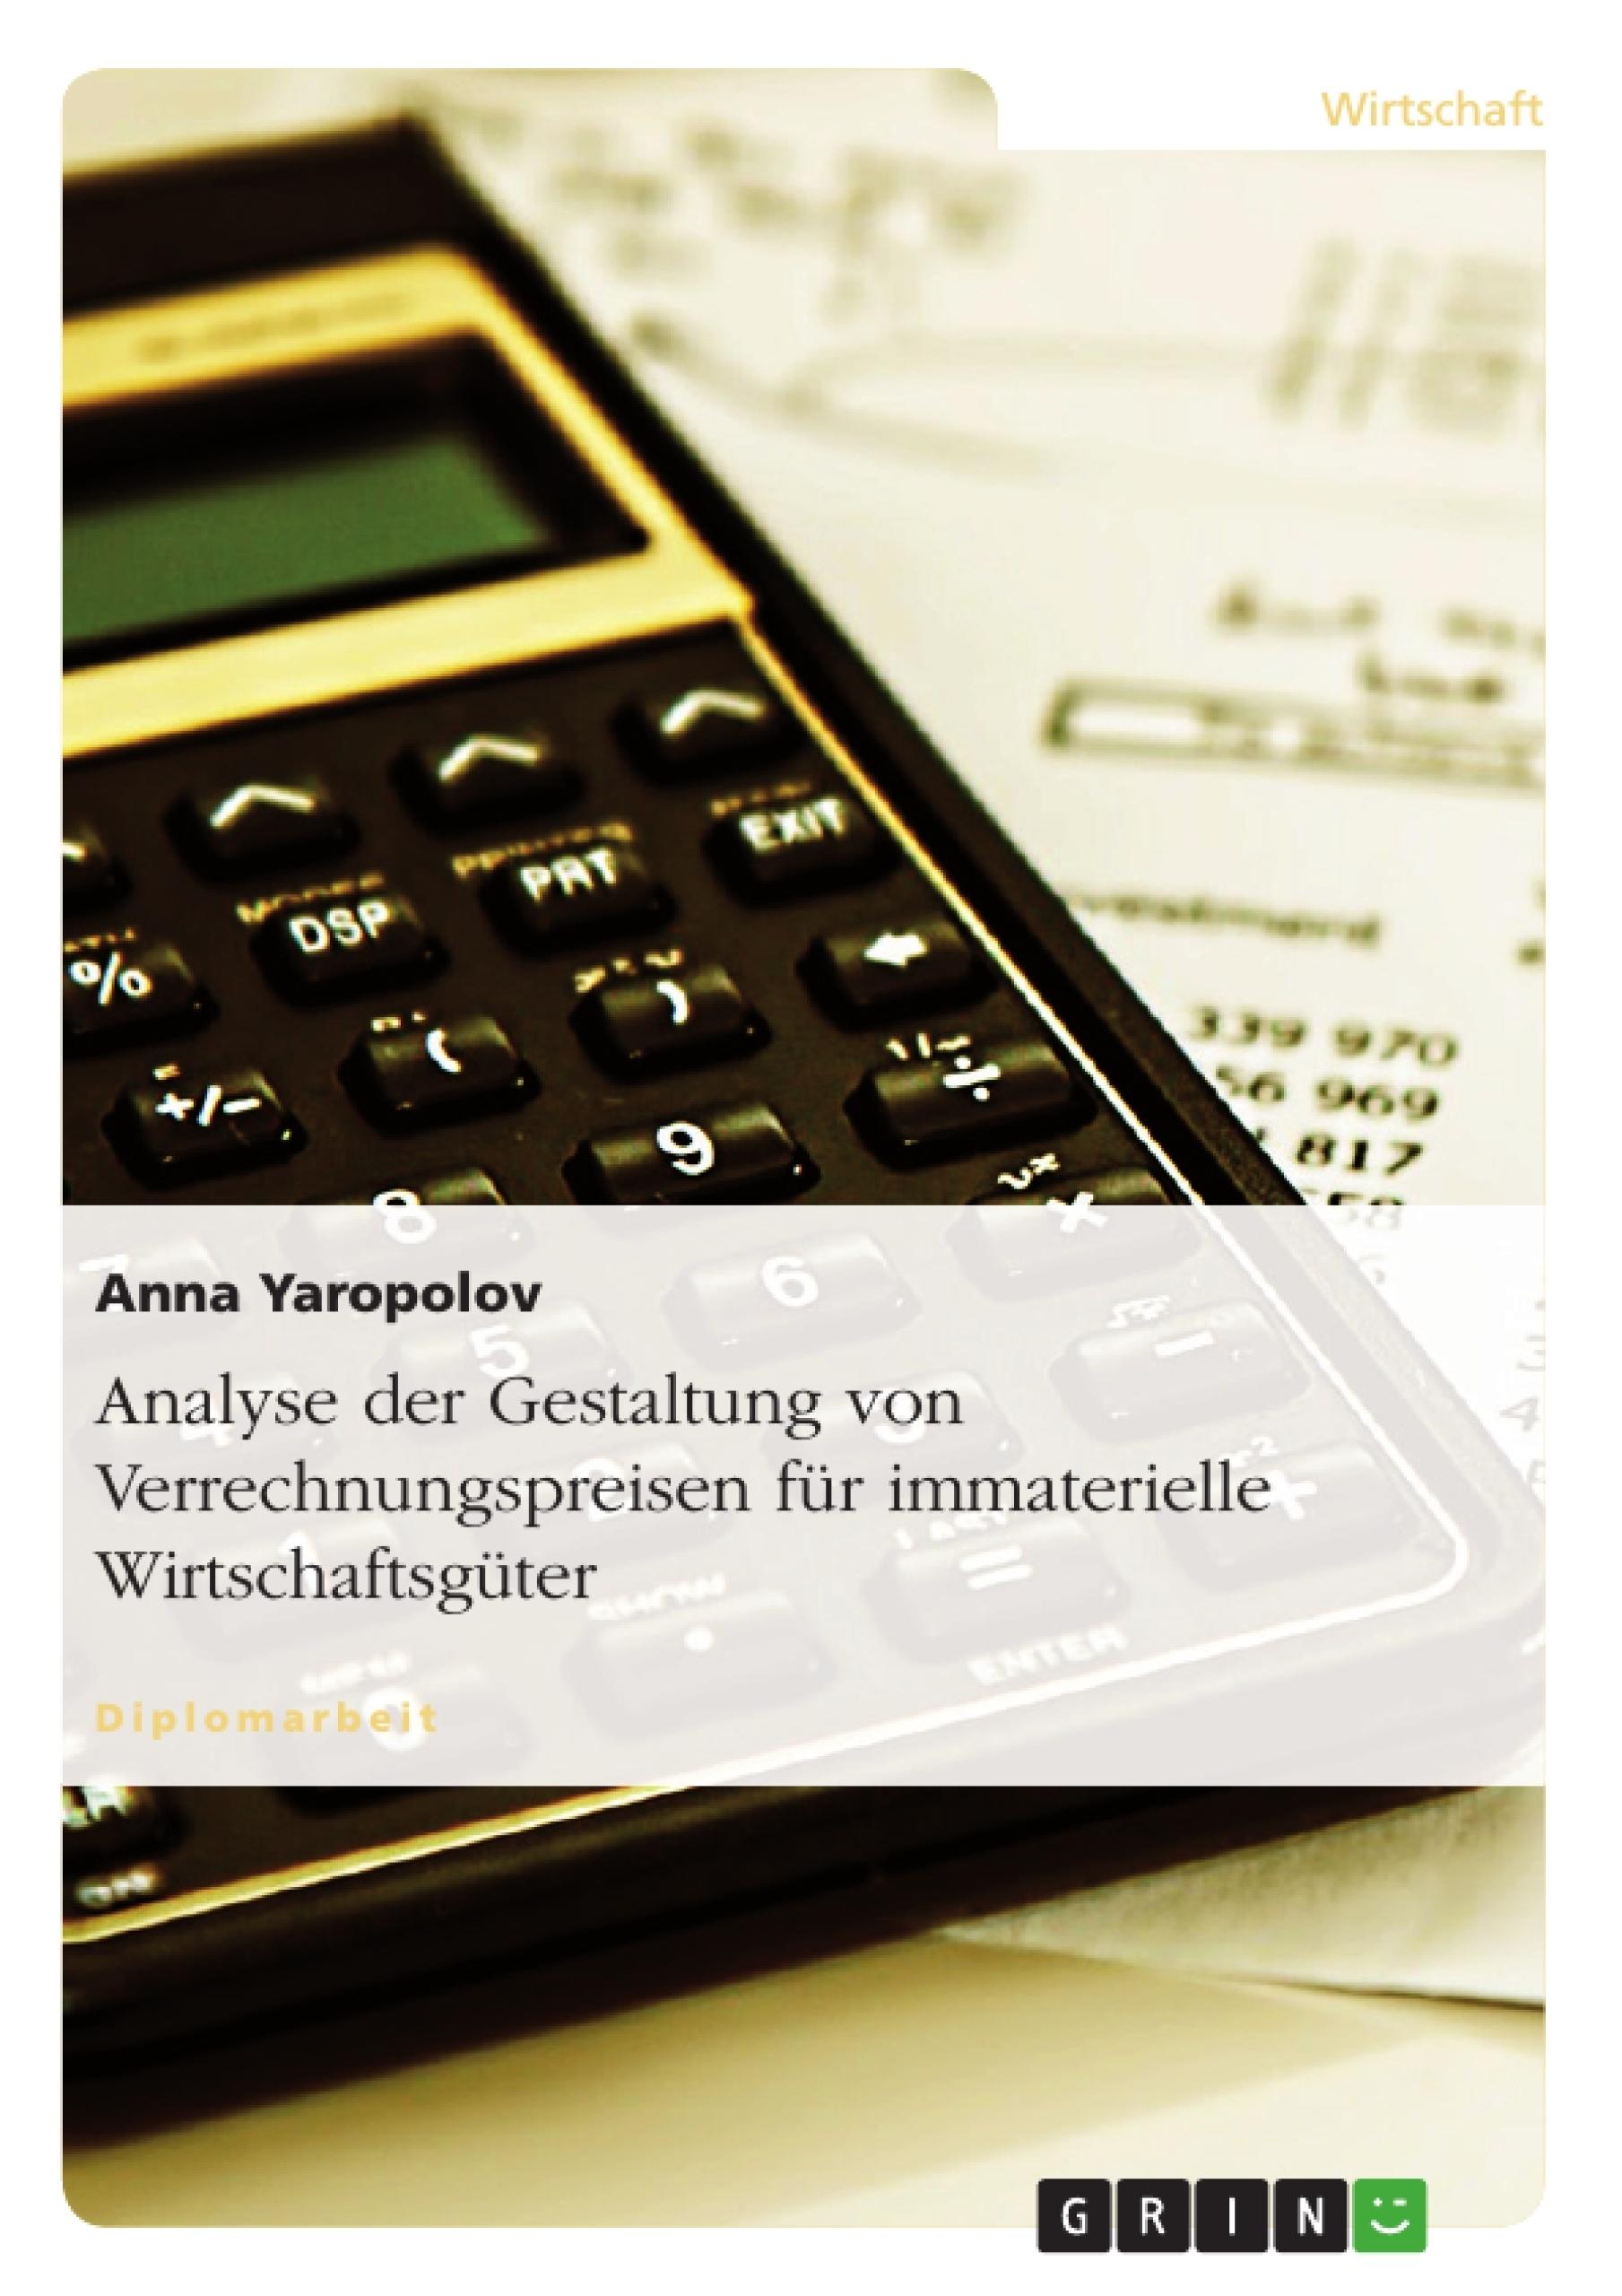 Titel: Analyse der Gestaltung von Verrechnungspreisen  für immaterielle Wirtschaftsgüter